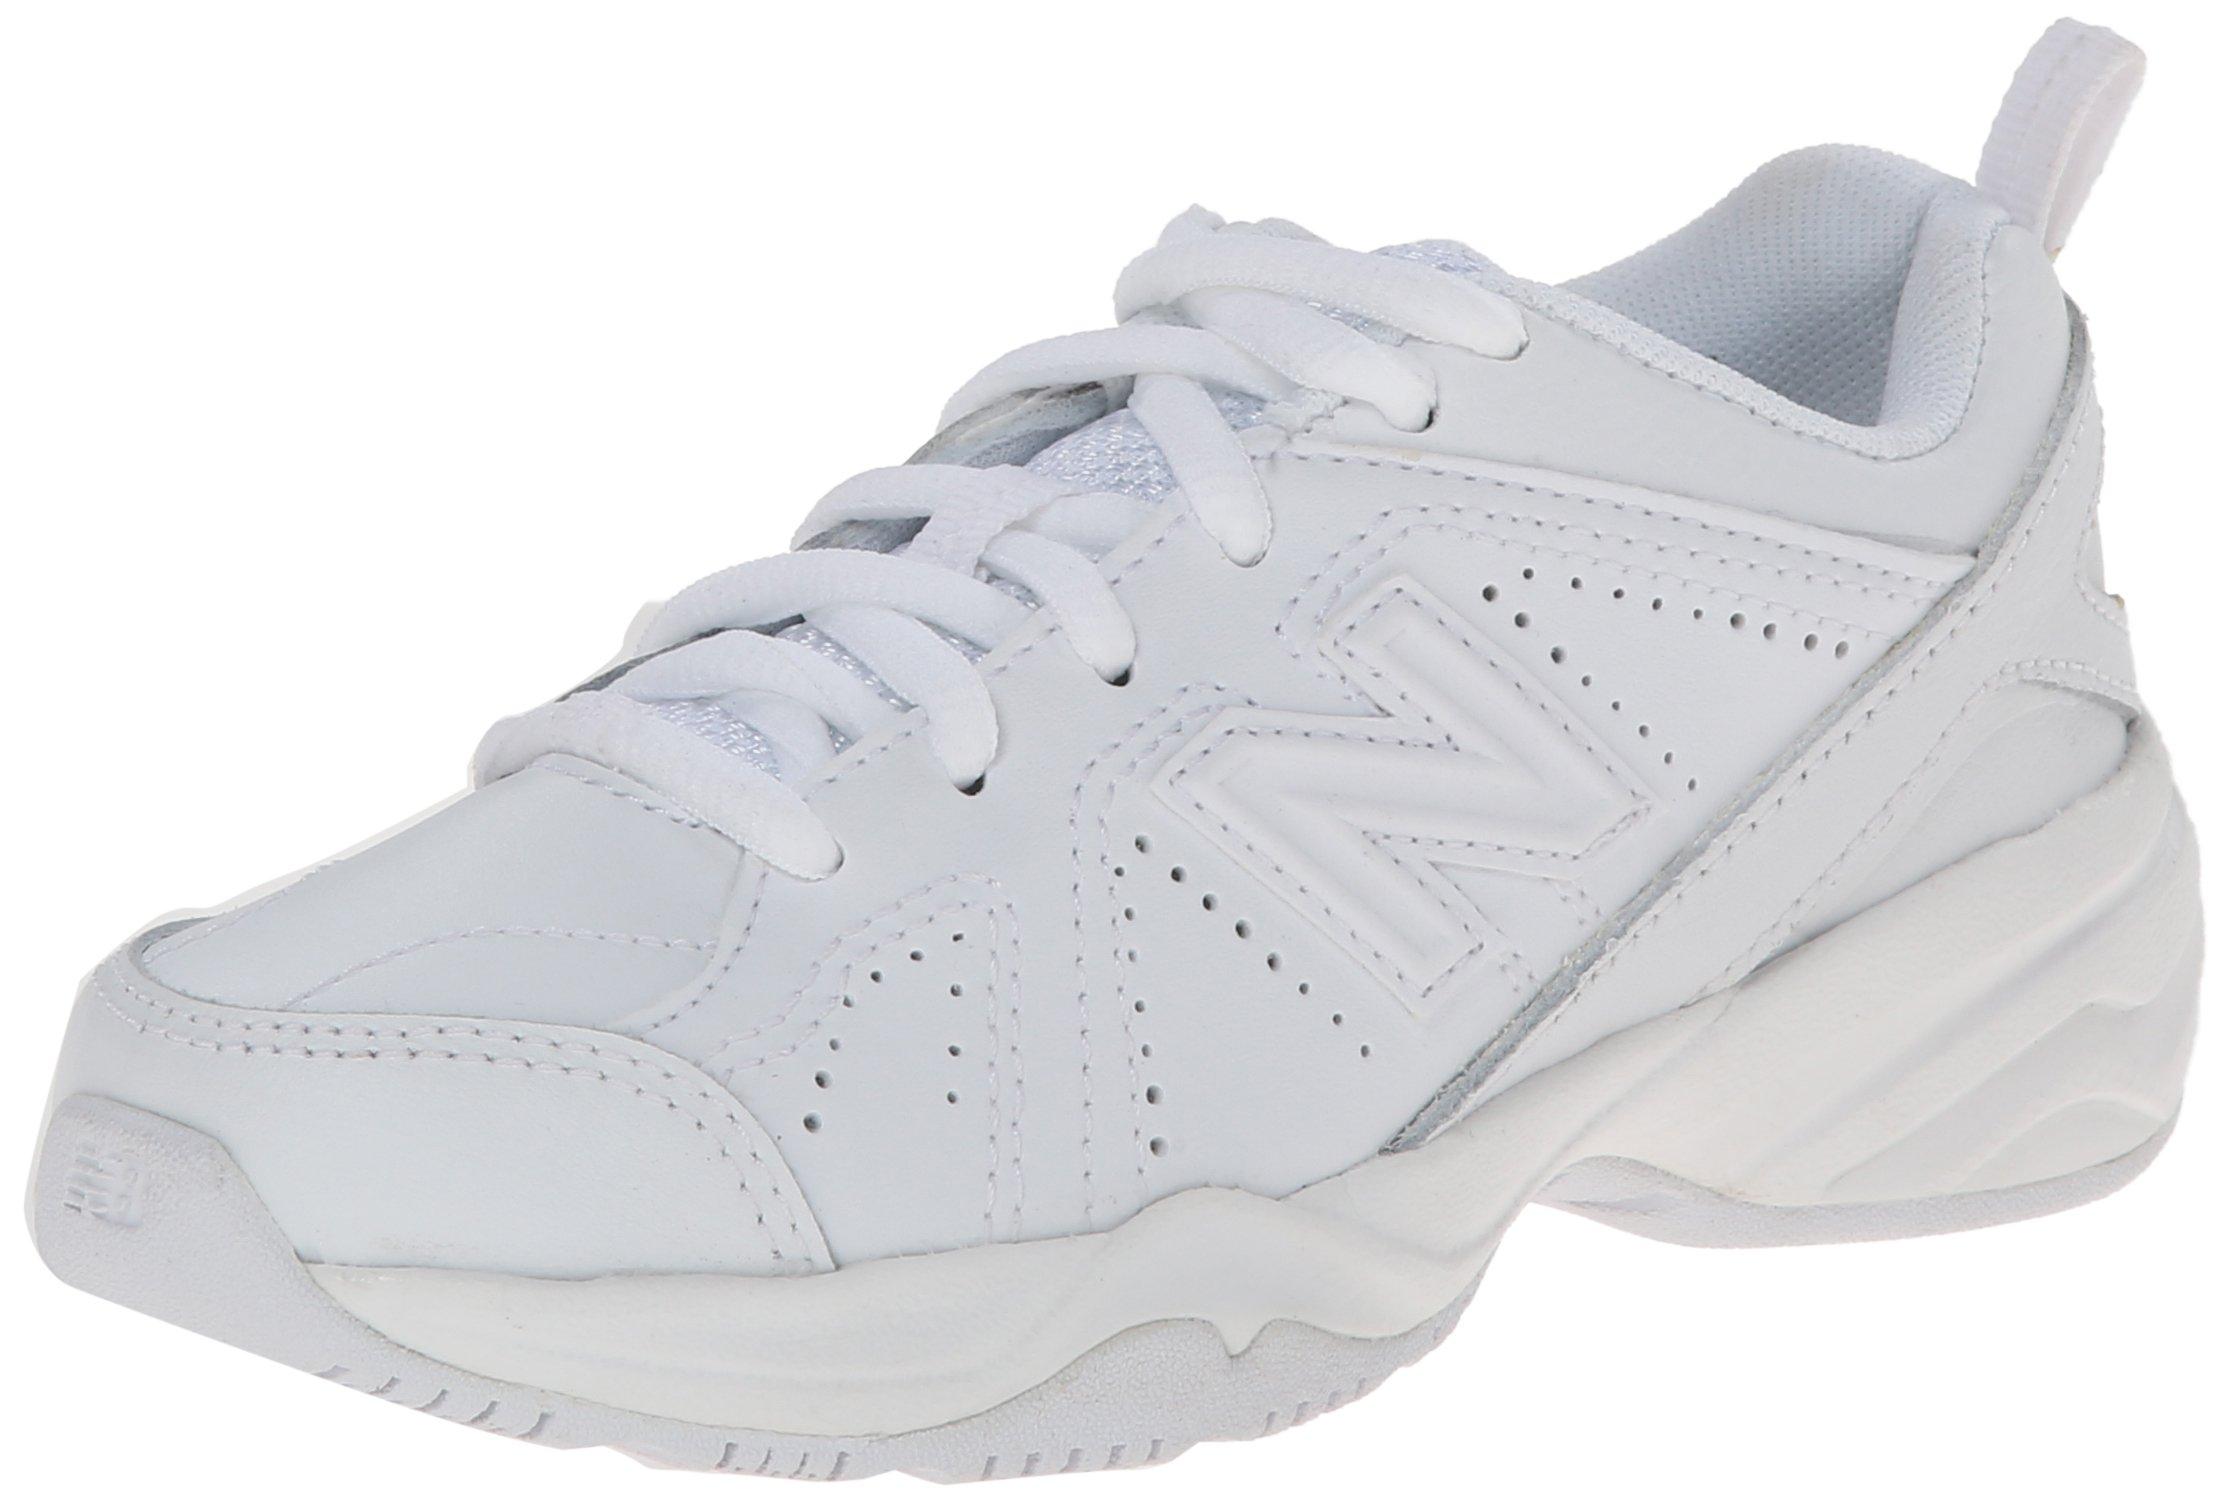 New Balance Boys KX624 Lace-Up Training Shoe ,White,13.5 M US Little Kid